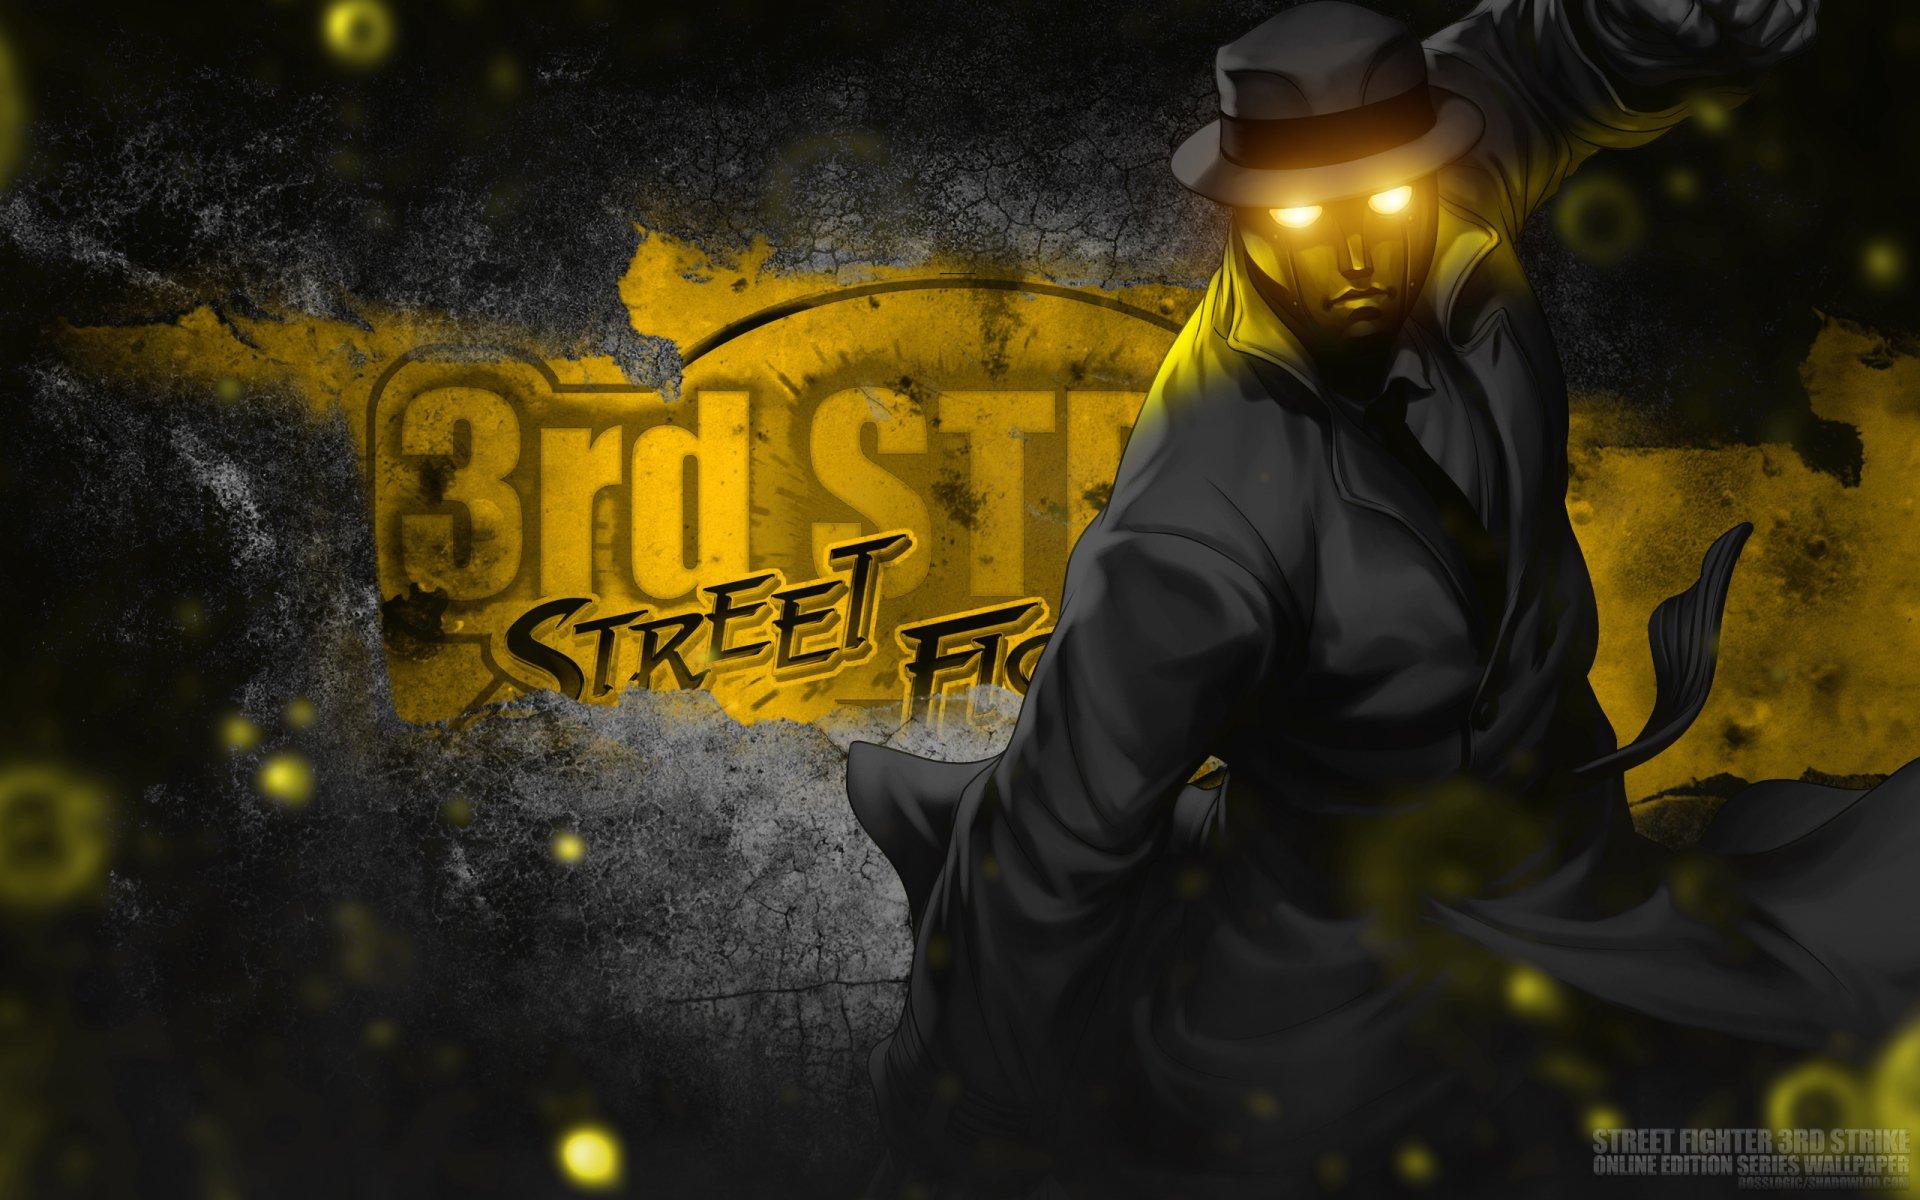 Art ID: 33047